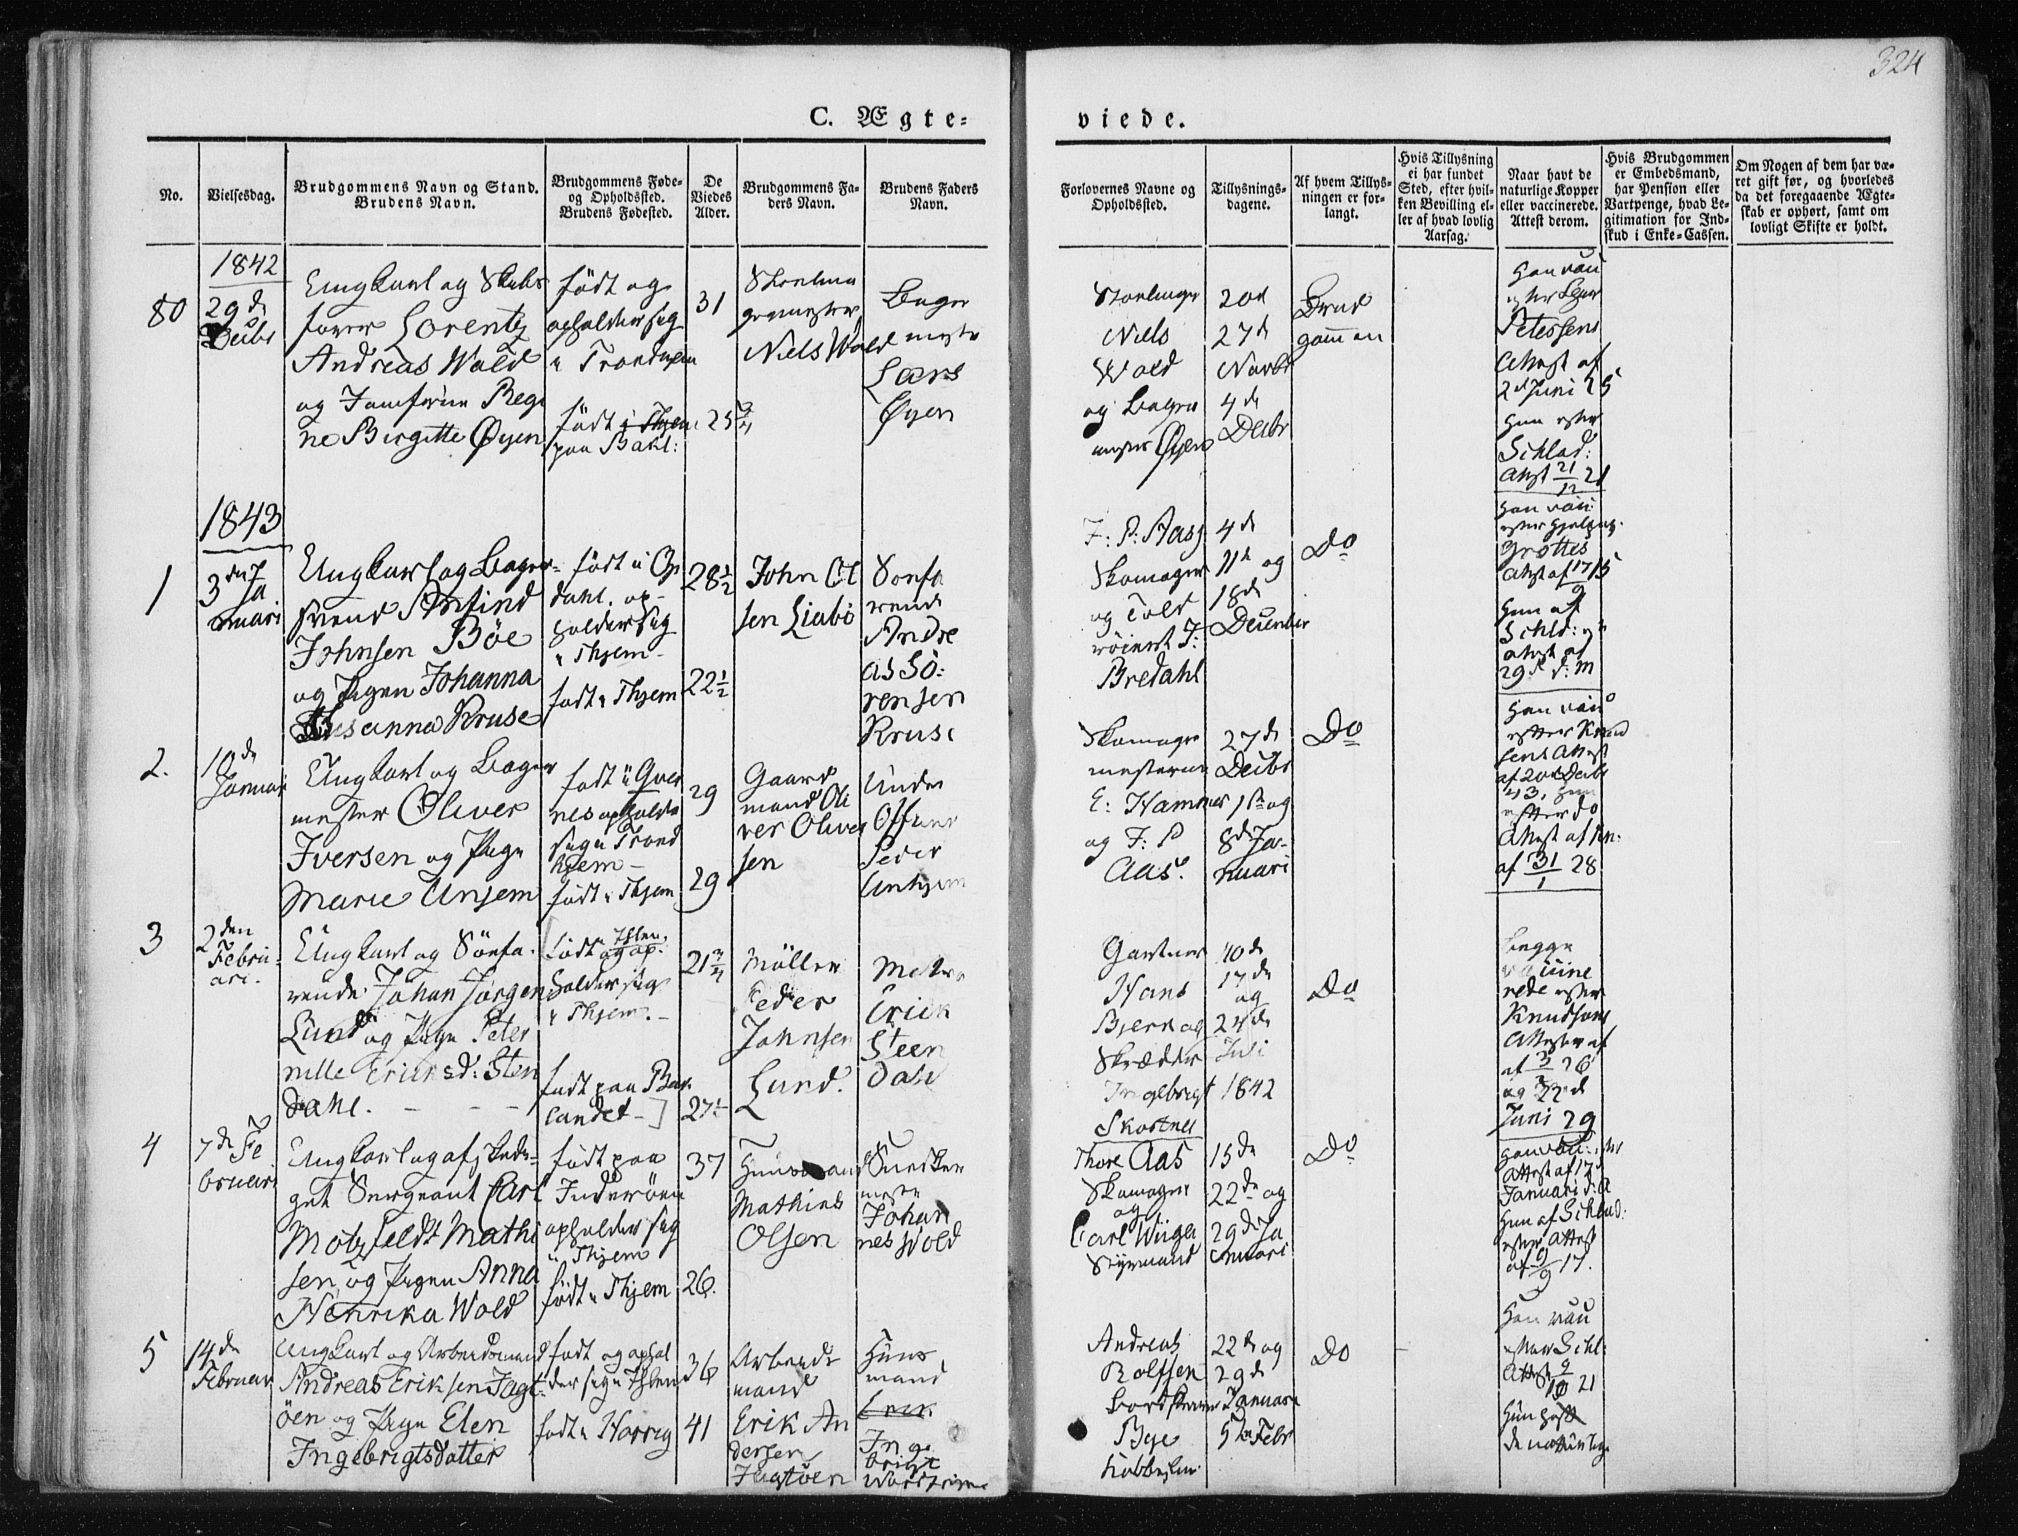 SAT, Ministerialprotokoller, klokkerbøker og fødselsregistre - Sør-Trøndelag, 601/L0049: Ministerialbok nr. 601A17, 1839-1847, s. 324